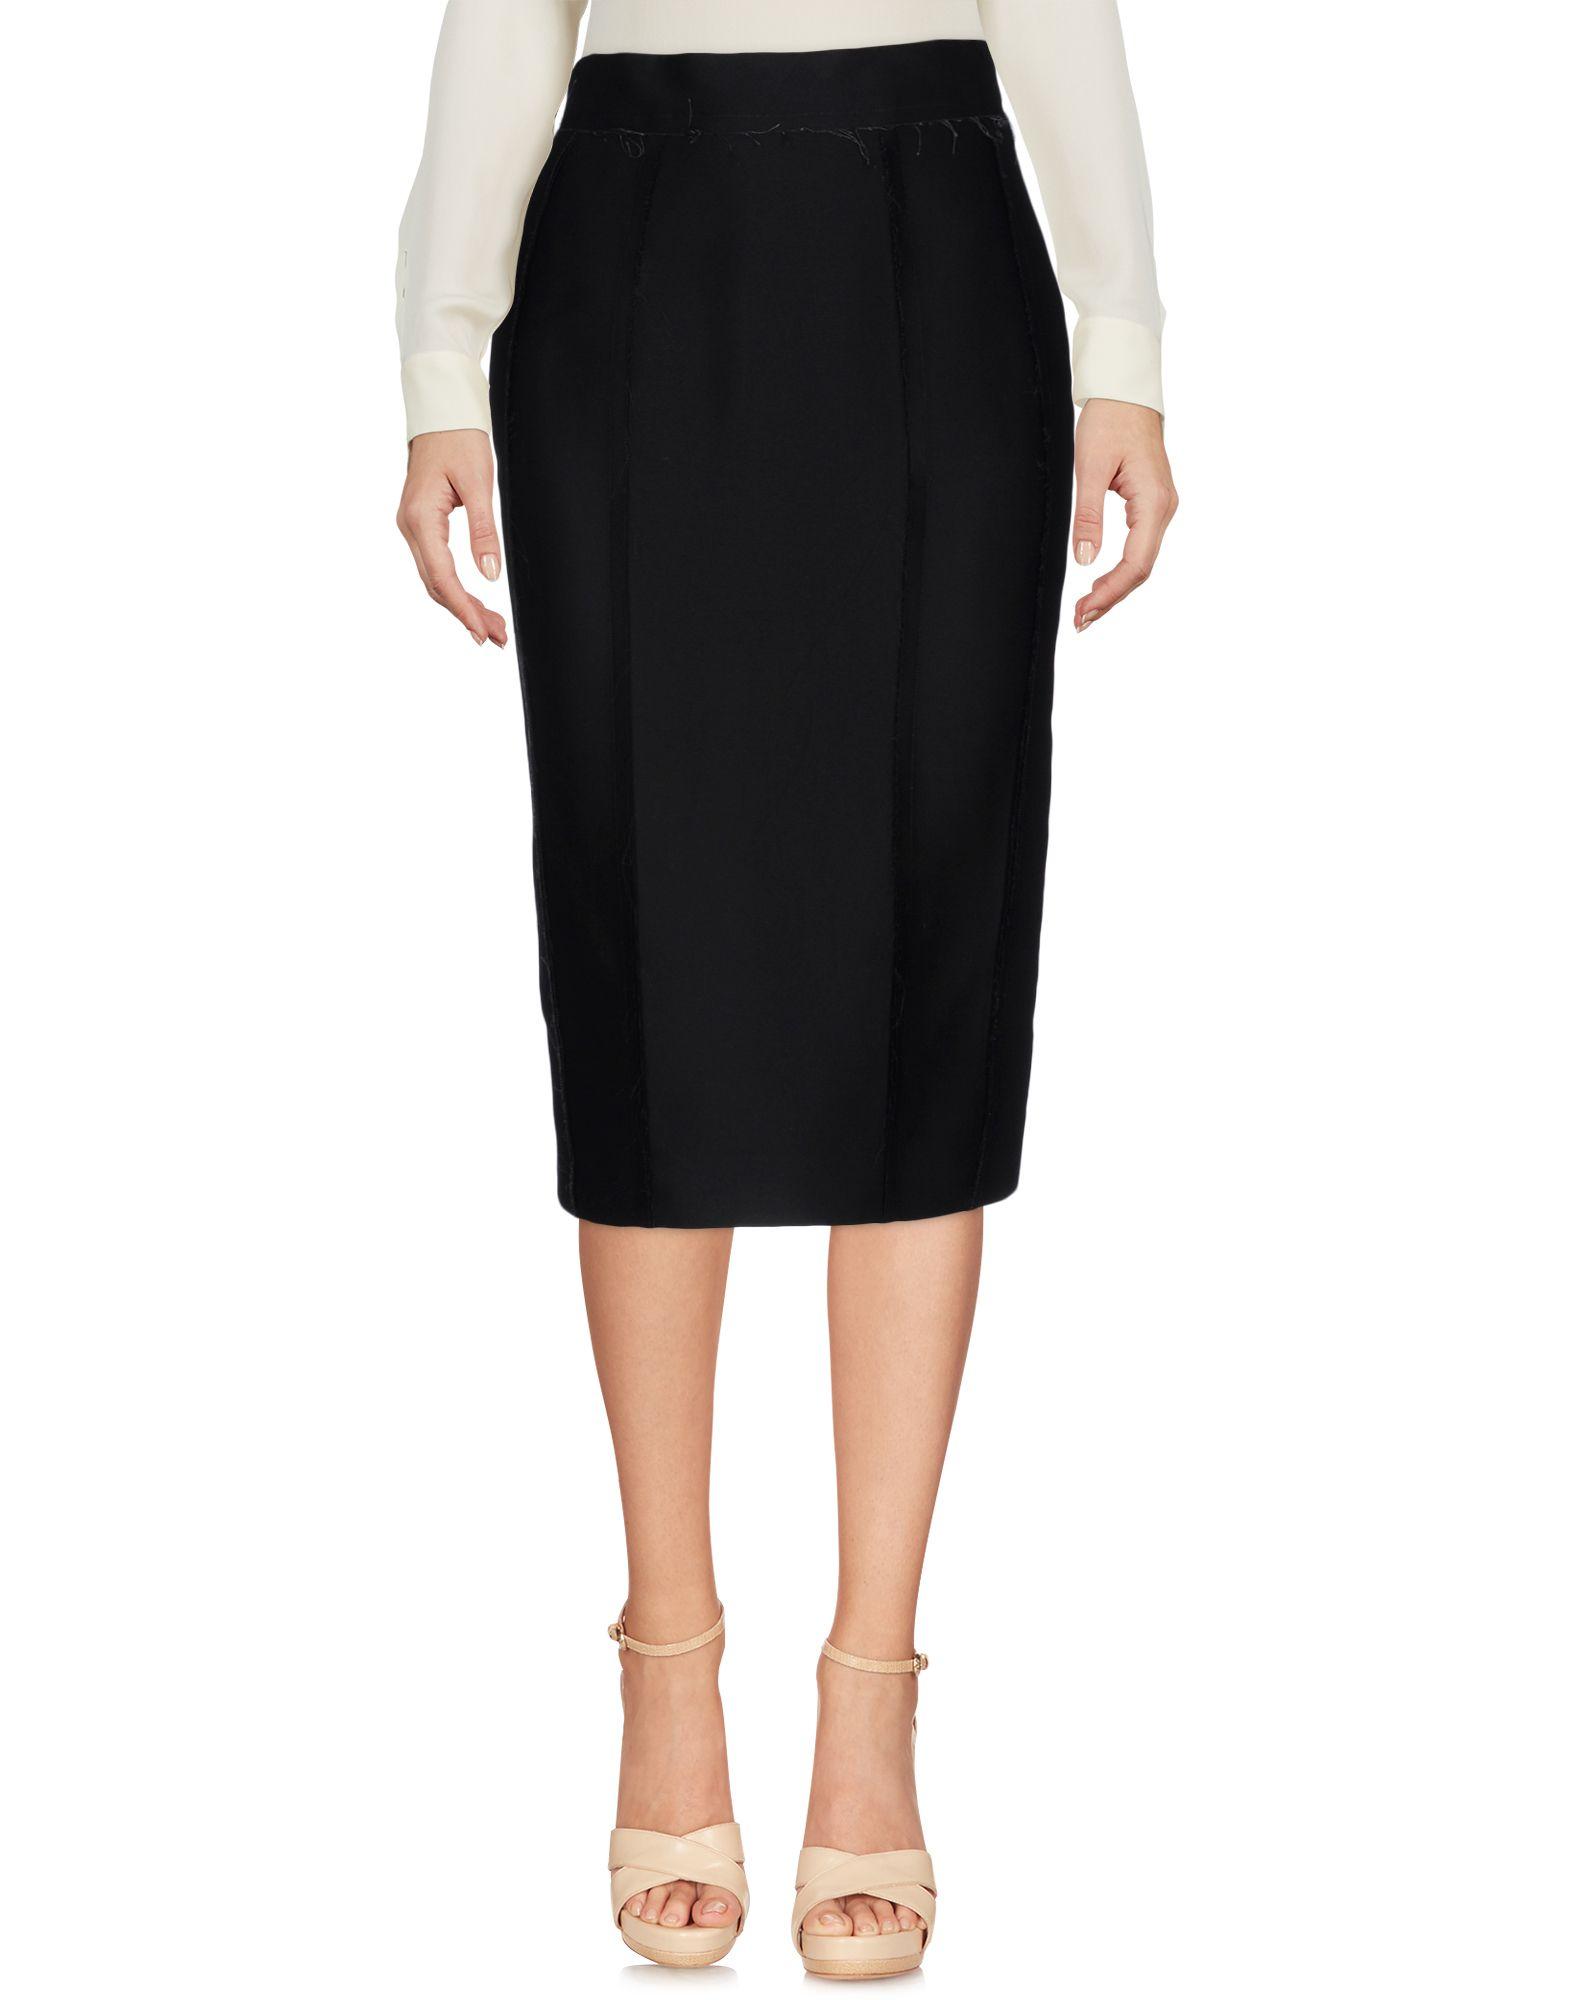 silvio betterelli female silvio betterelli 34 length skirts